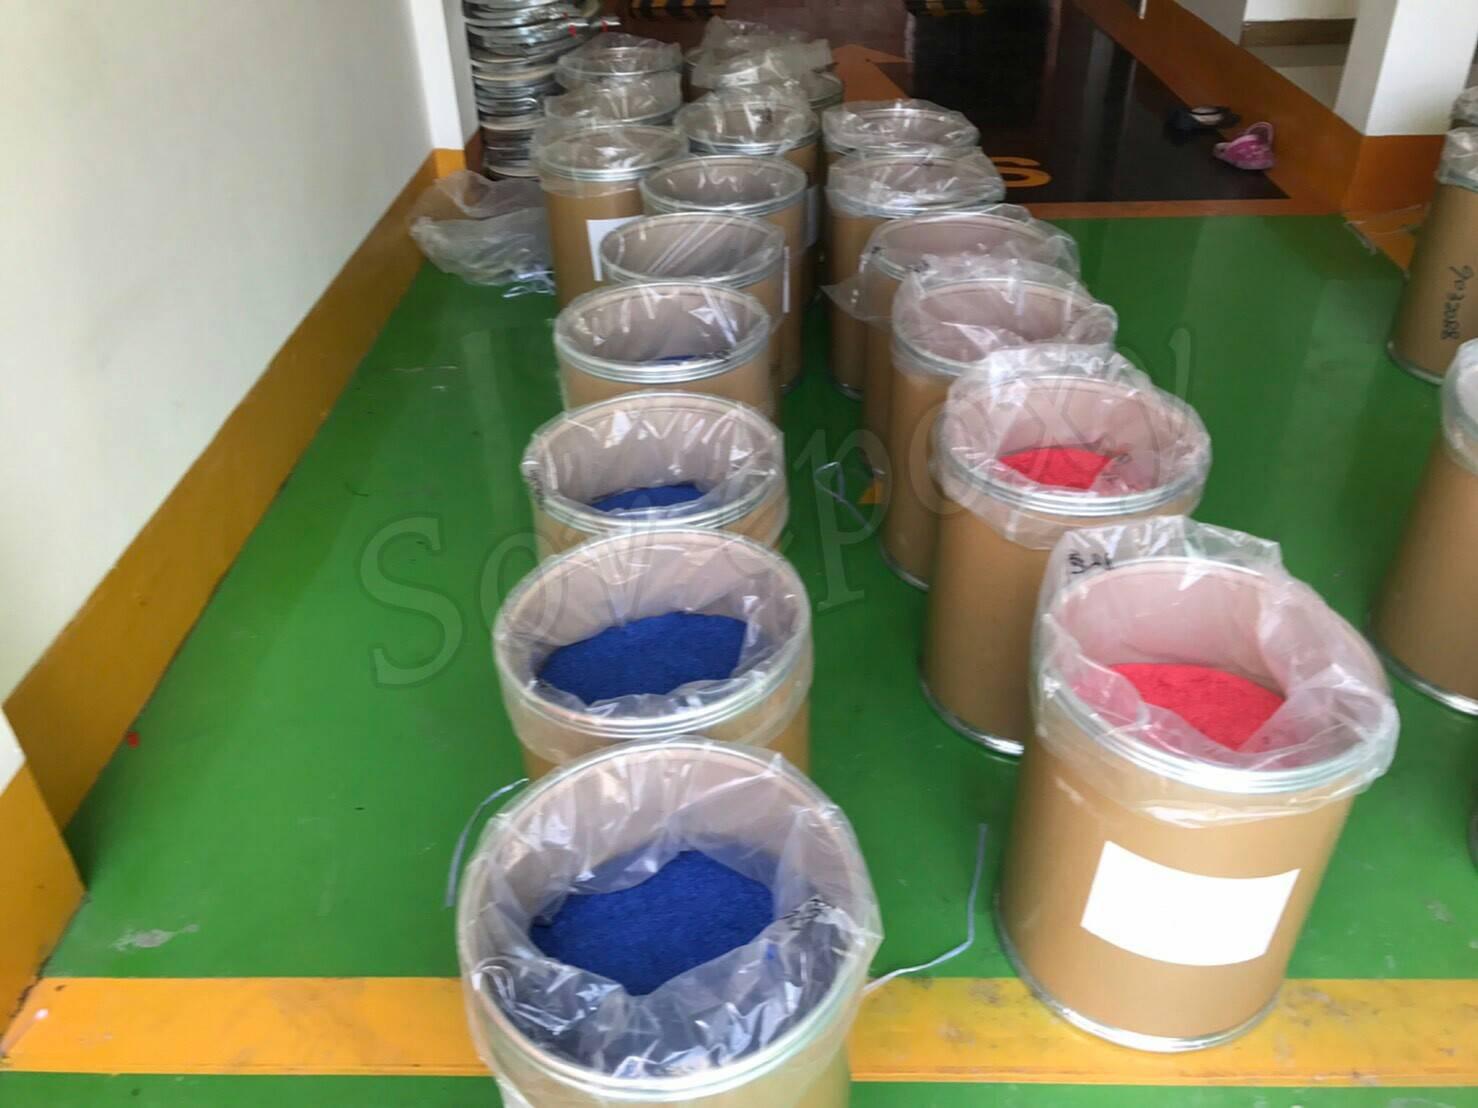 ผลิตภัณฑ์เคมี Acrylic Flake 7